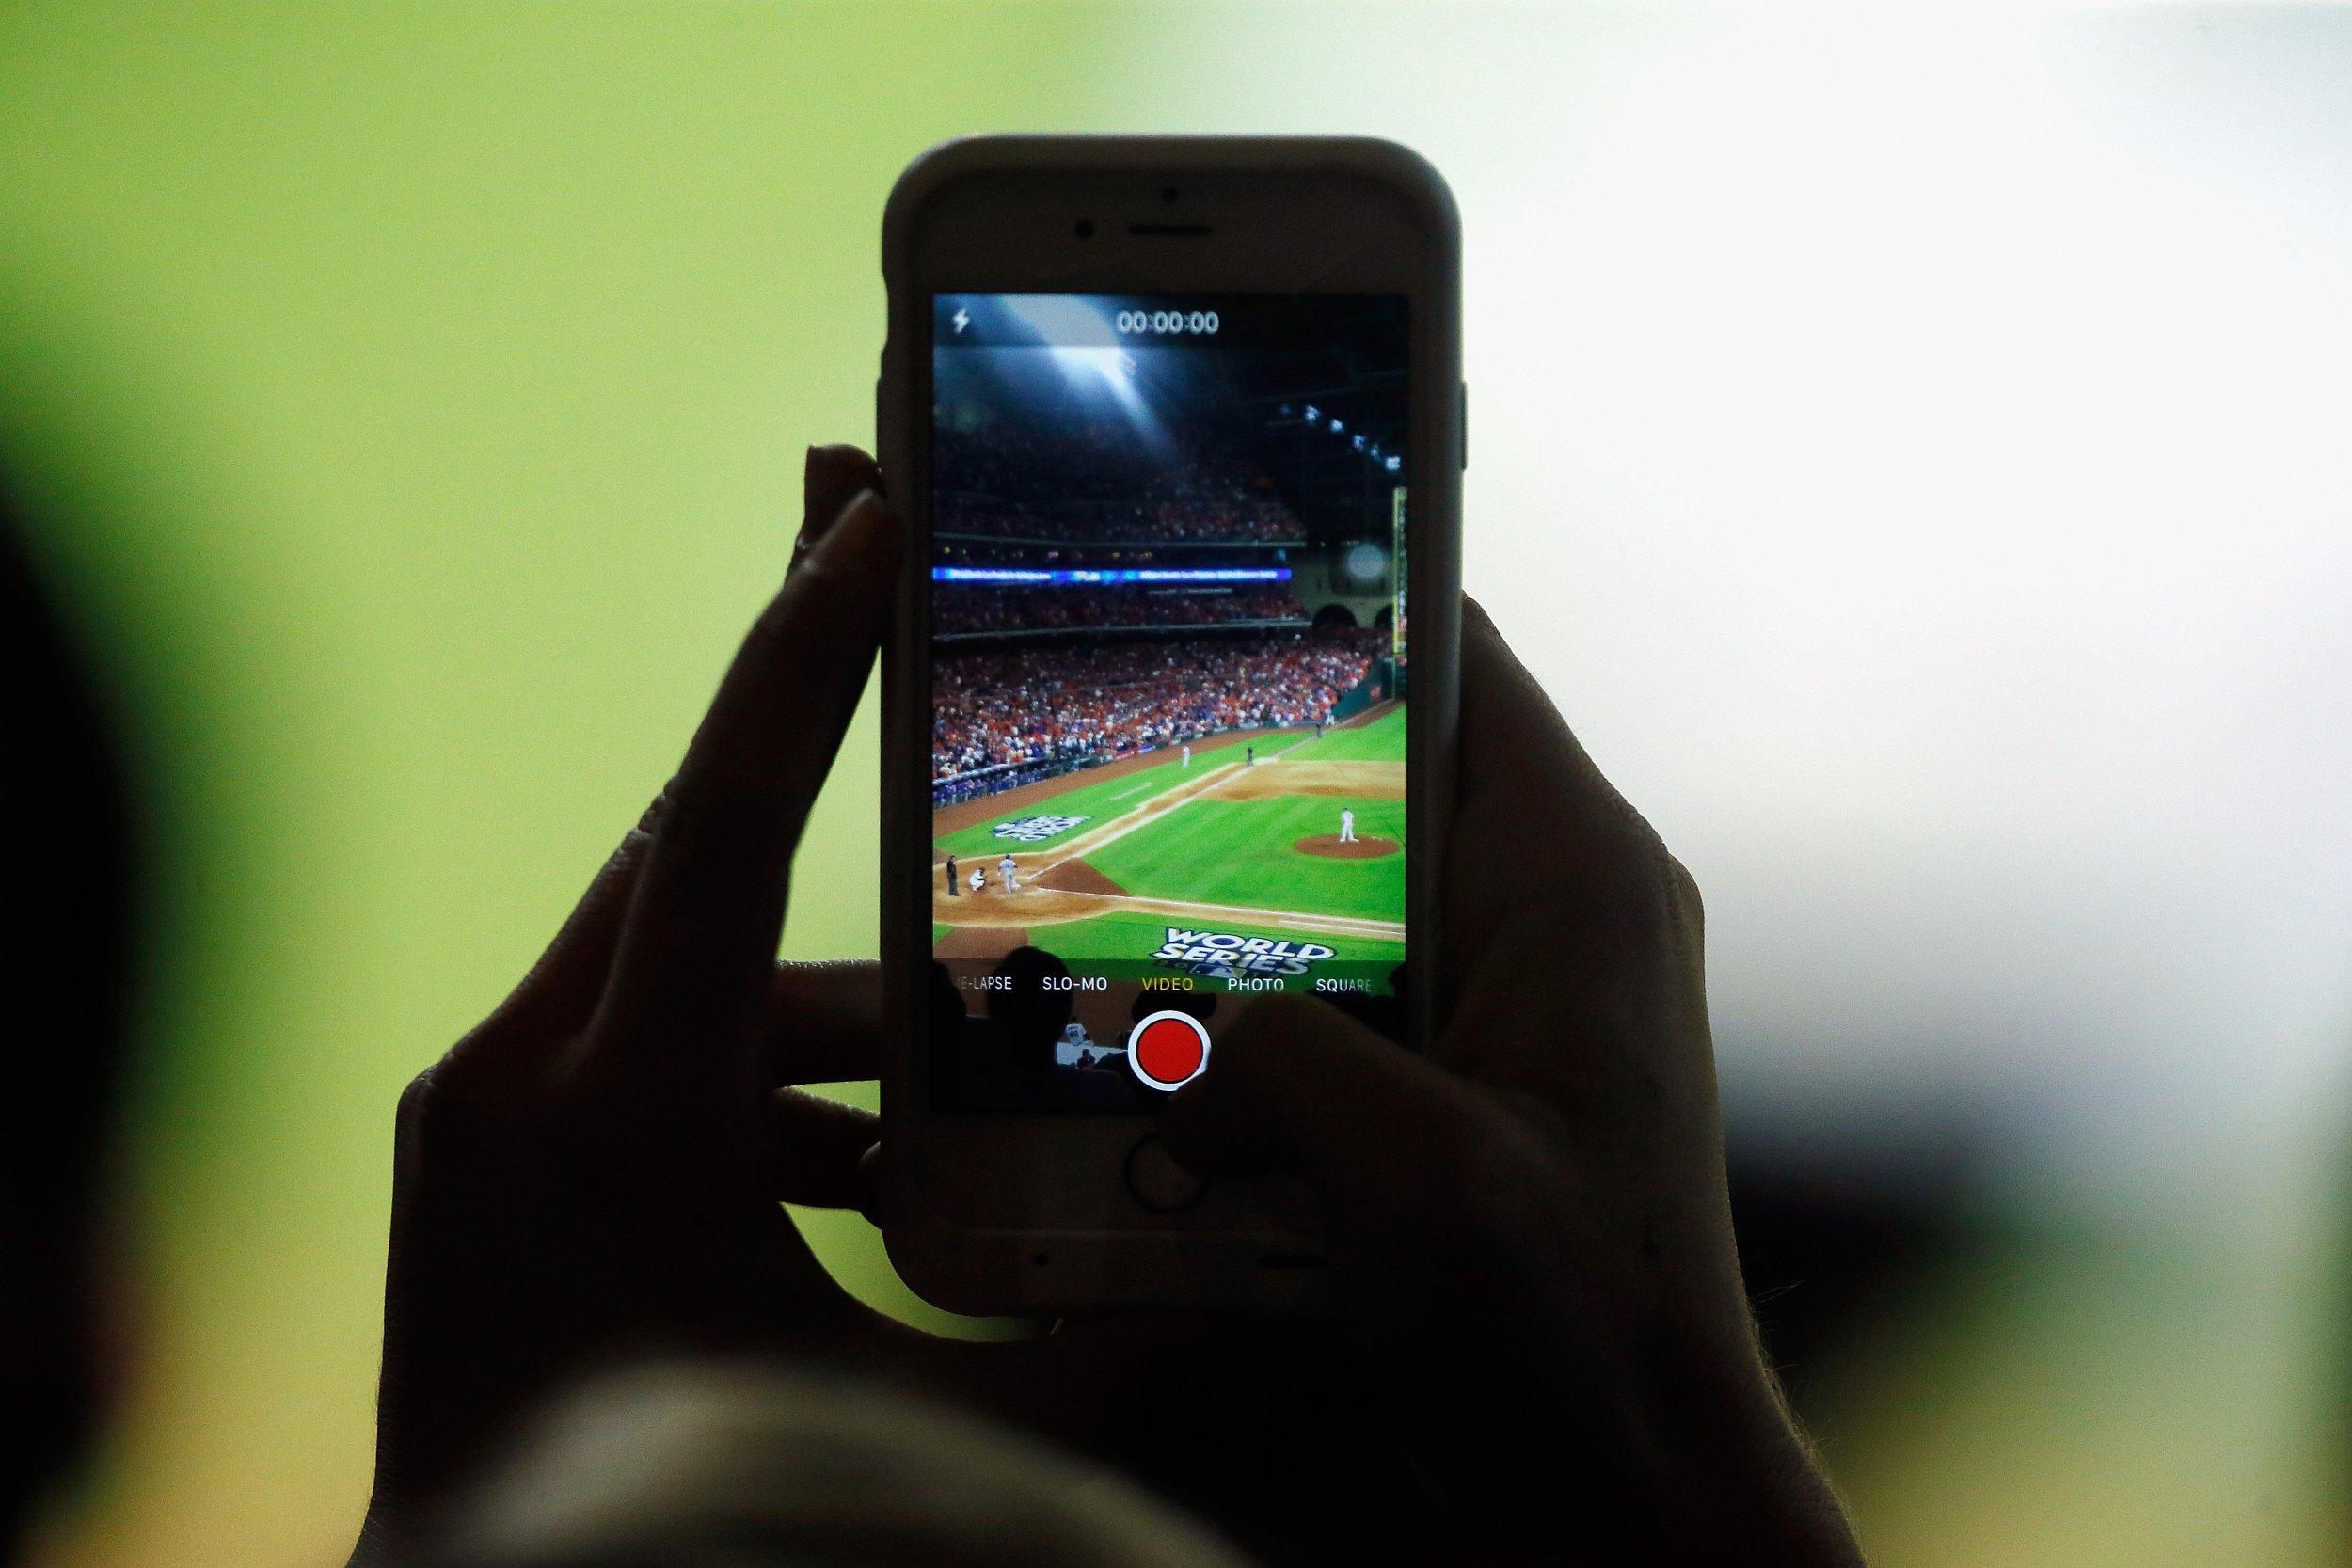 12_26_iPhone_Baseball_Game